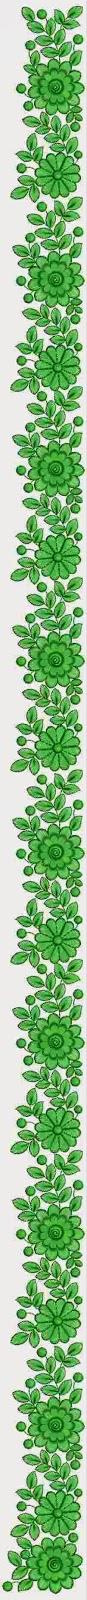 Lang groen kleur kulturele handwerk werk C Pallu sari